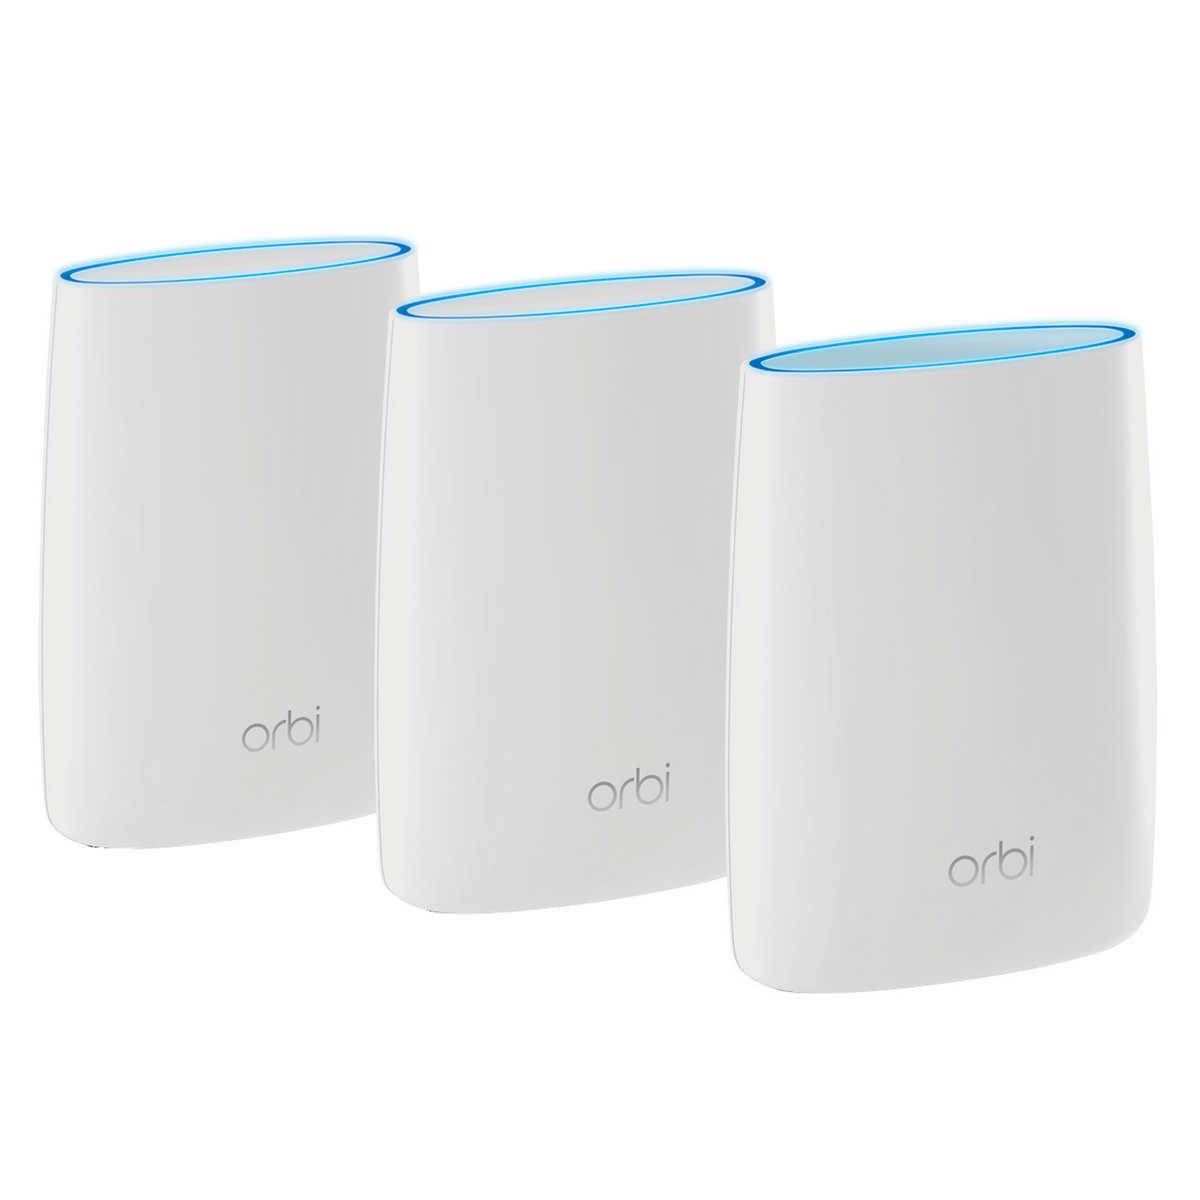 Netgear Orbi Ac3000 Tri Band Wifi System 3 Unit System